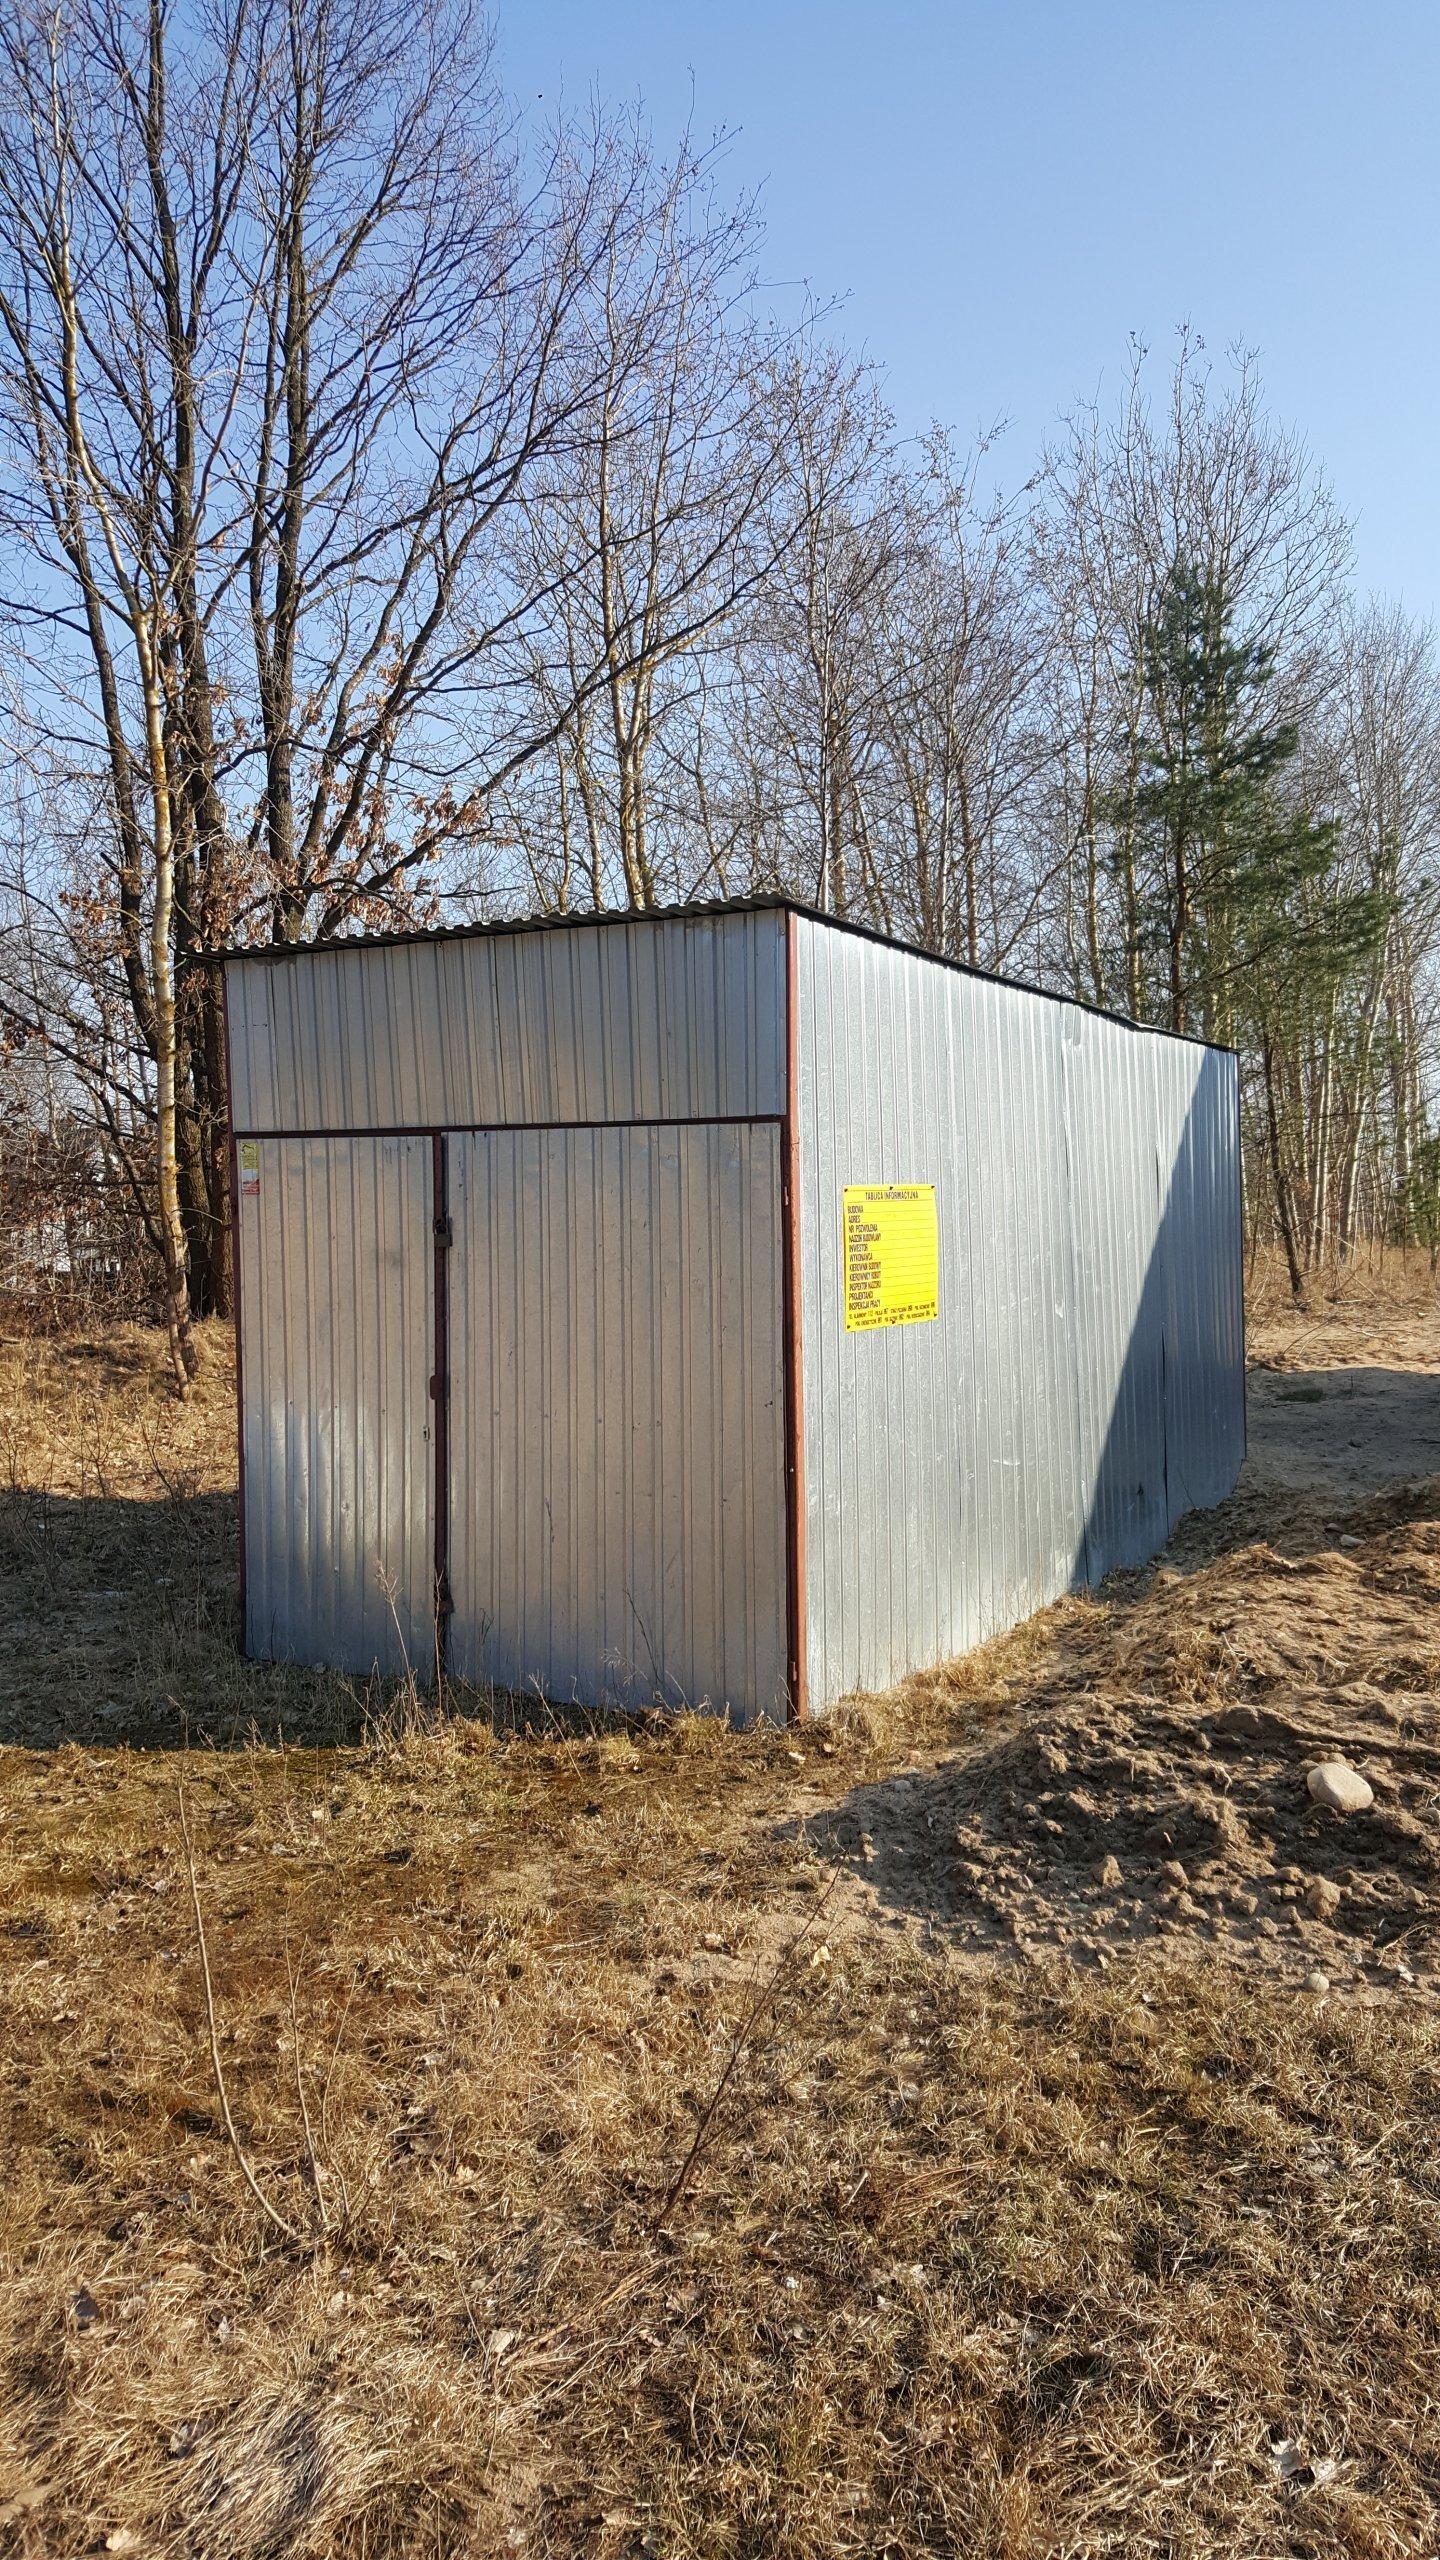 Inteligentny Blaszak Garaż blaszany wysoki długi 5x 2,5 - 7403126972 NL94